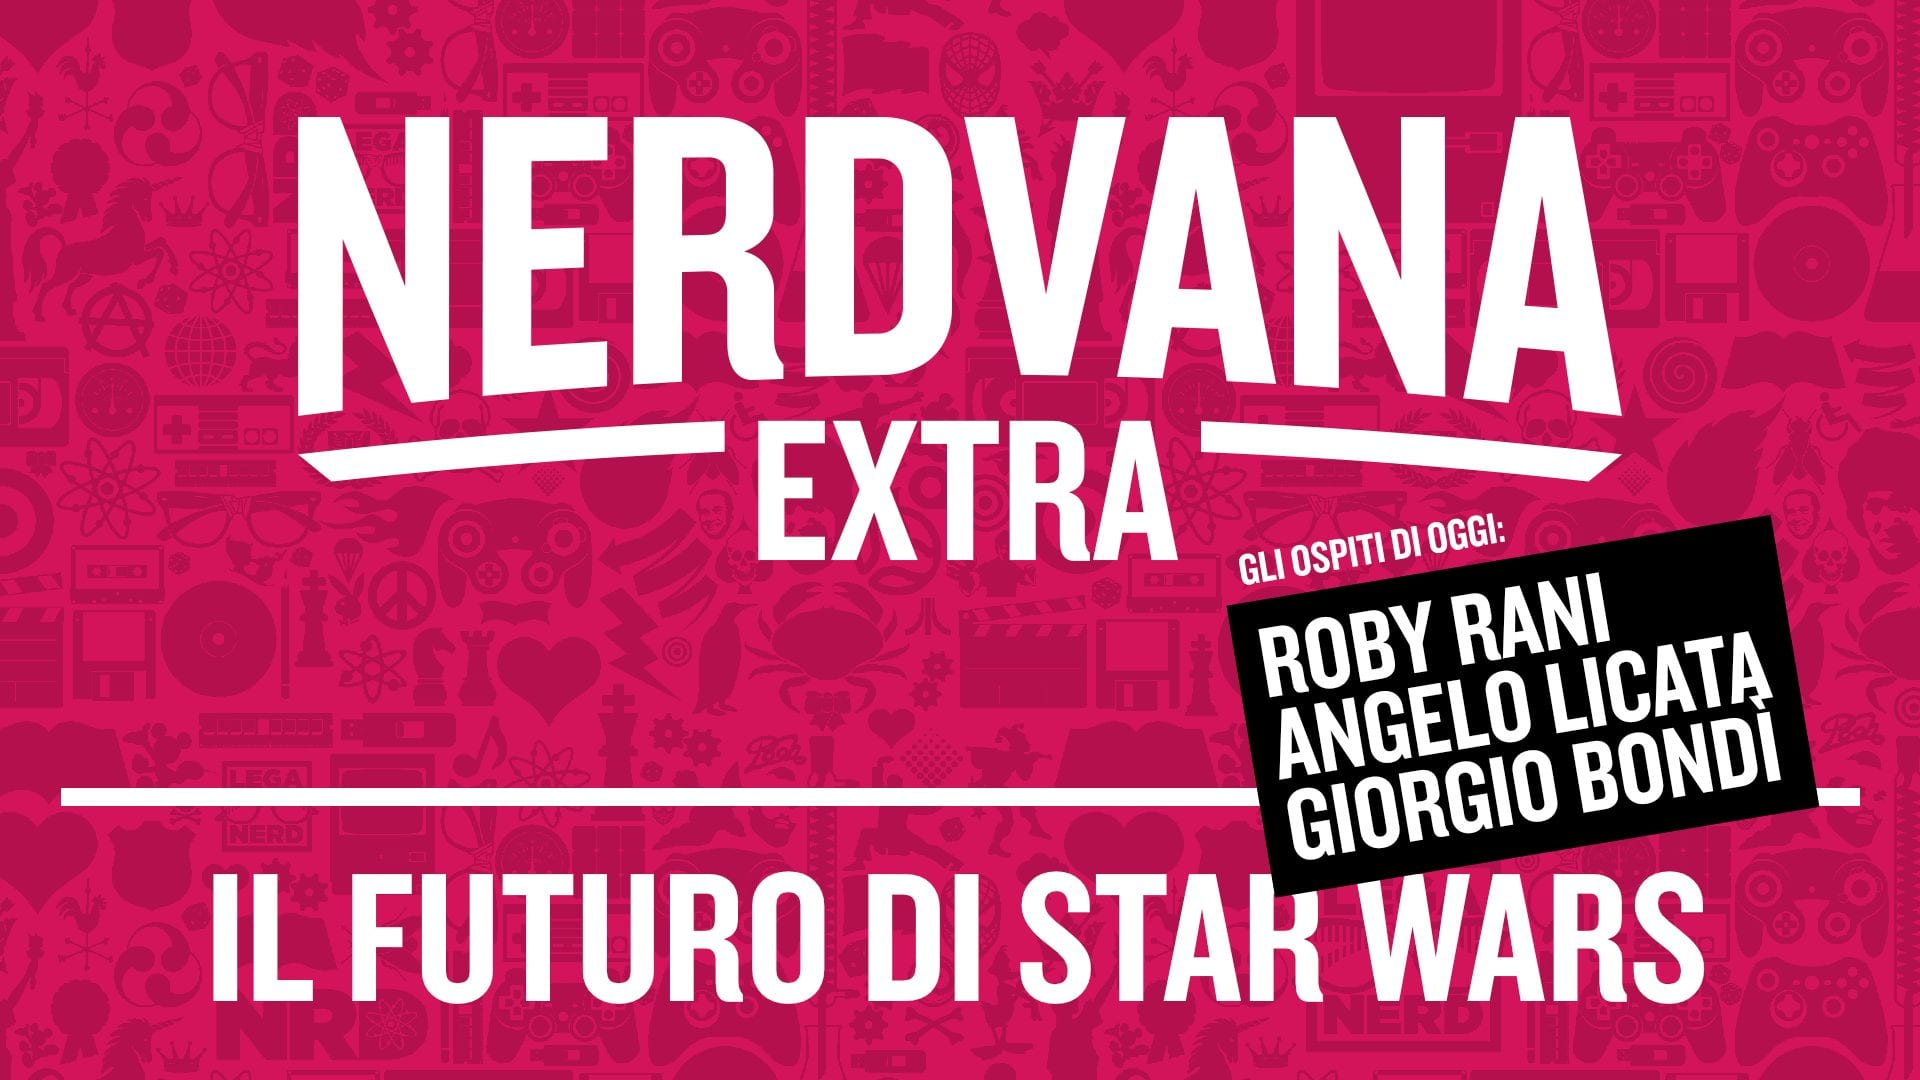 Star Wars Day: Il Futuro di Star Wars / Nerdvana Extra